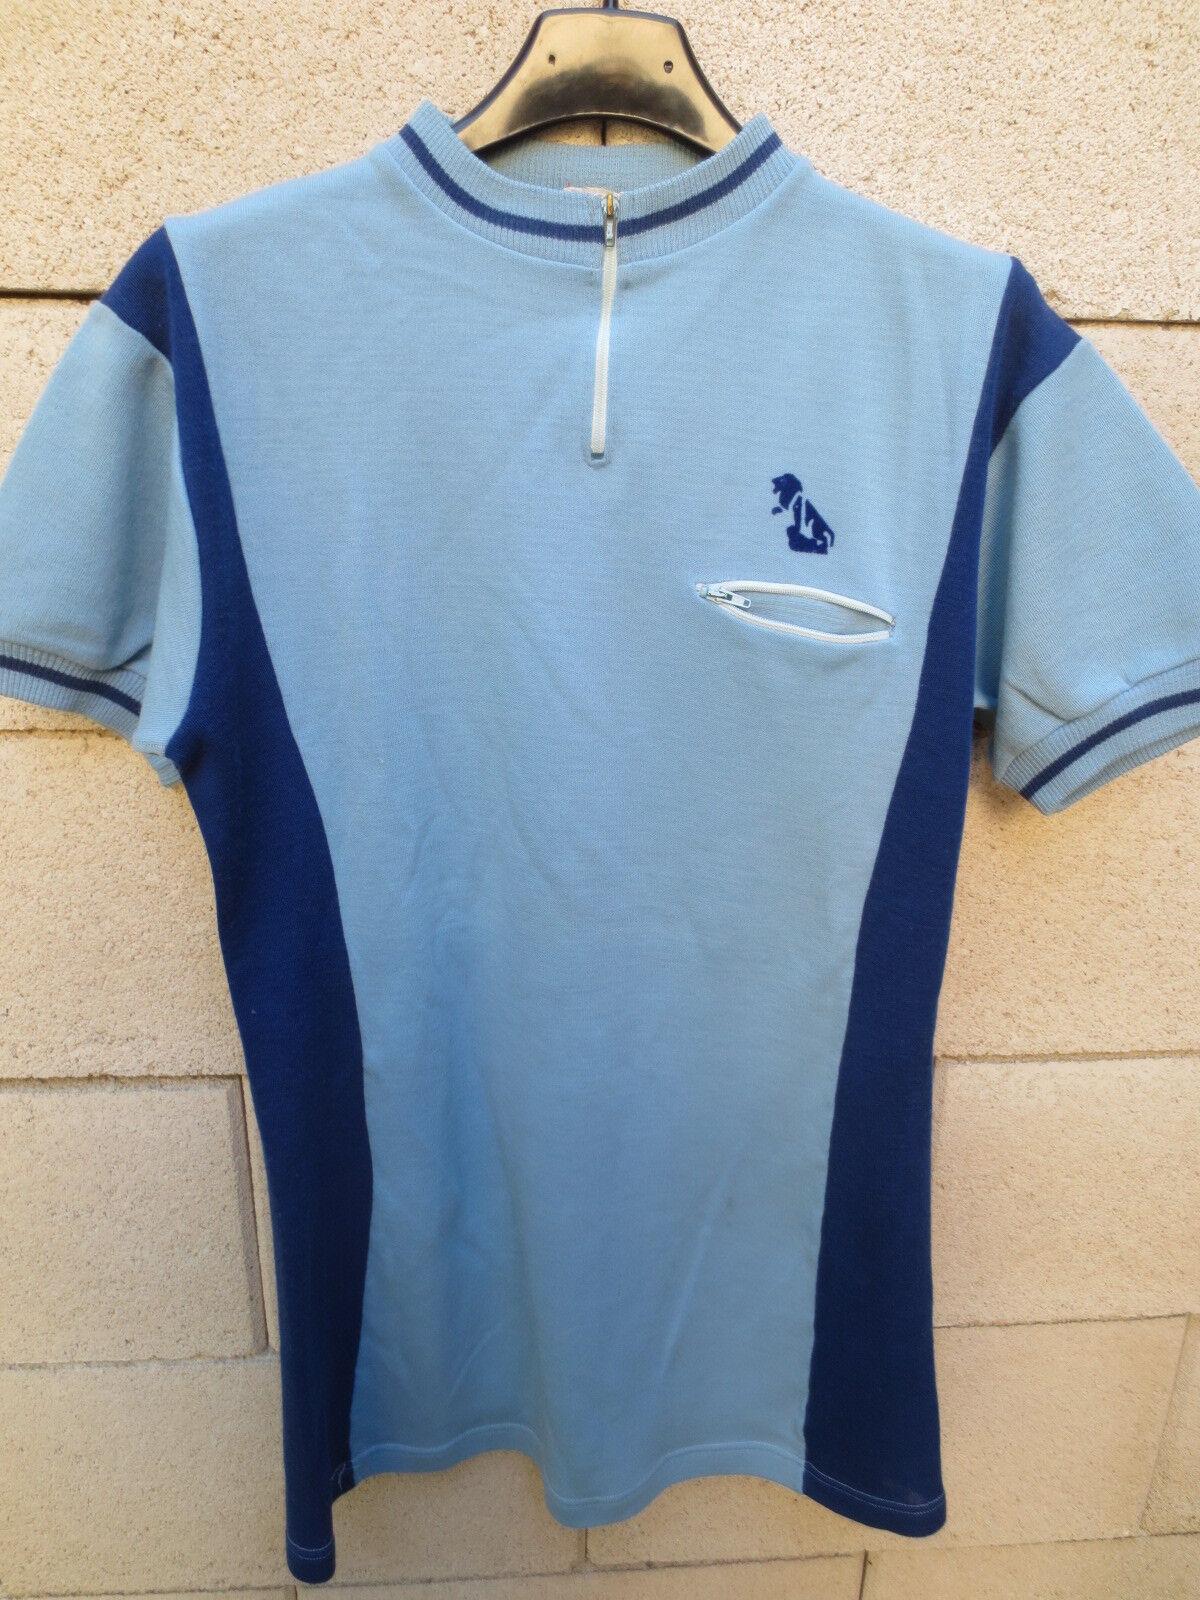 VINTAGE Maillot cycliste PEUGEOT ancien ancien ancien SGAP DT cycling shirt années 70 laine a7a370